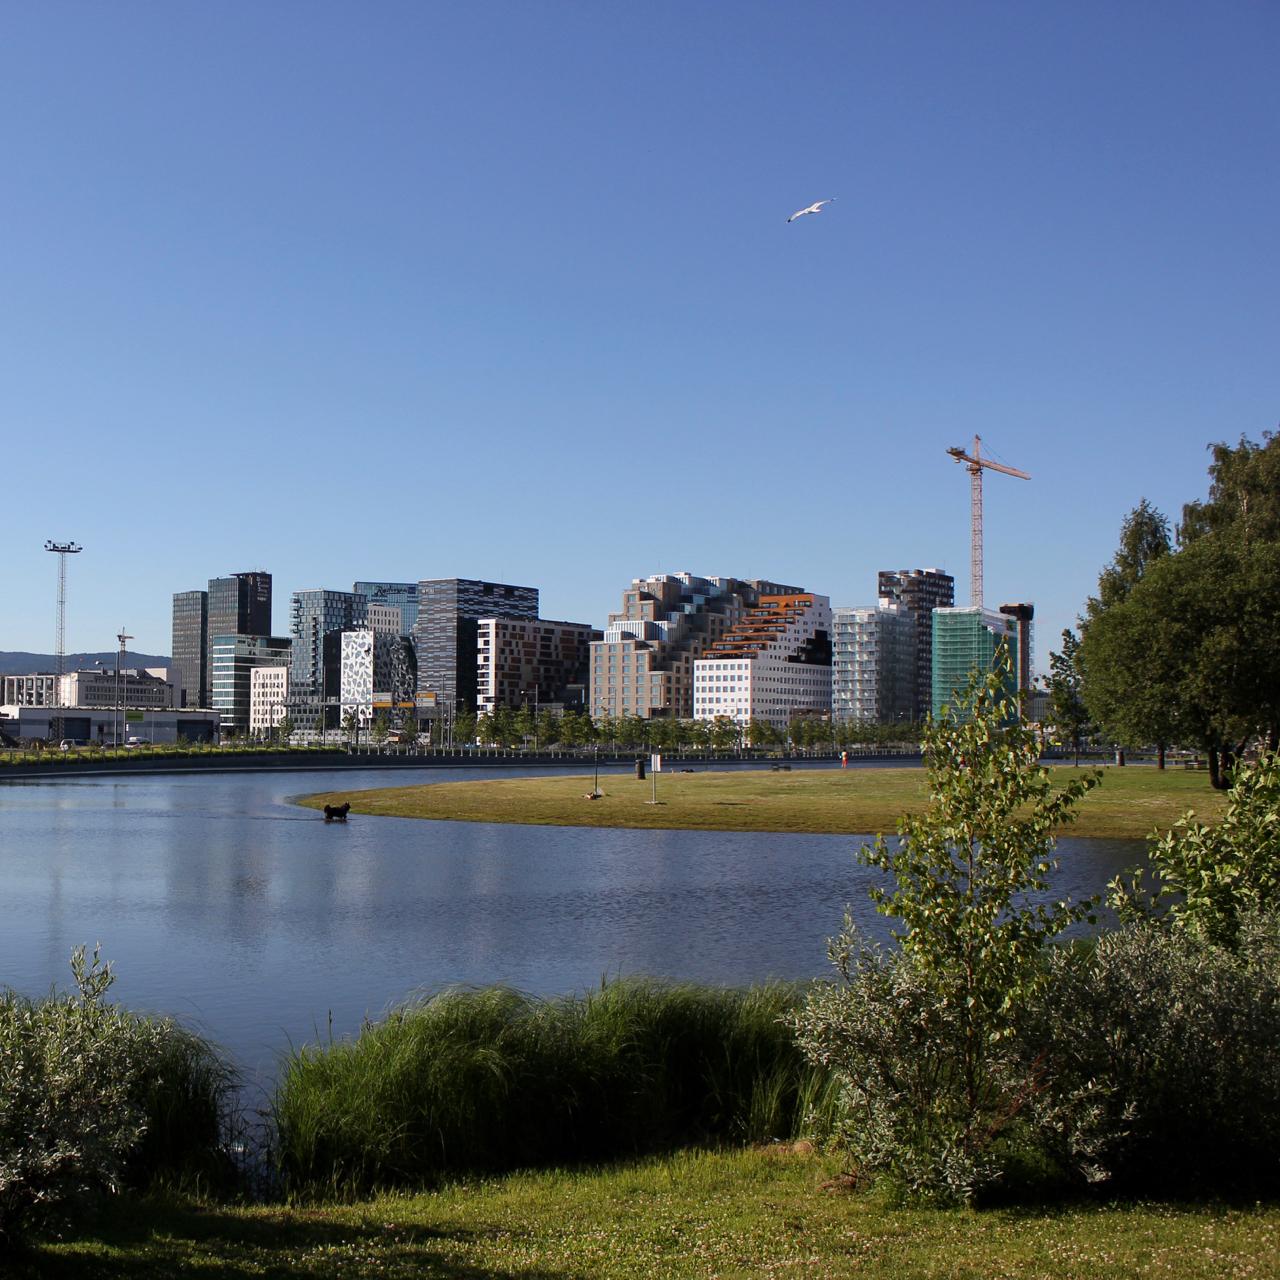 Oslo, Norway - 22